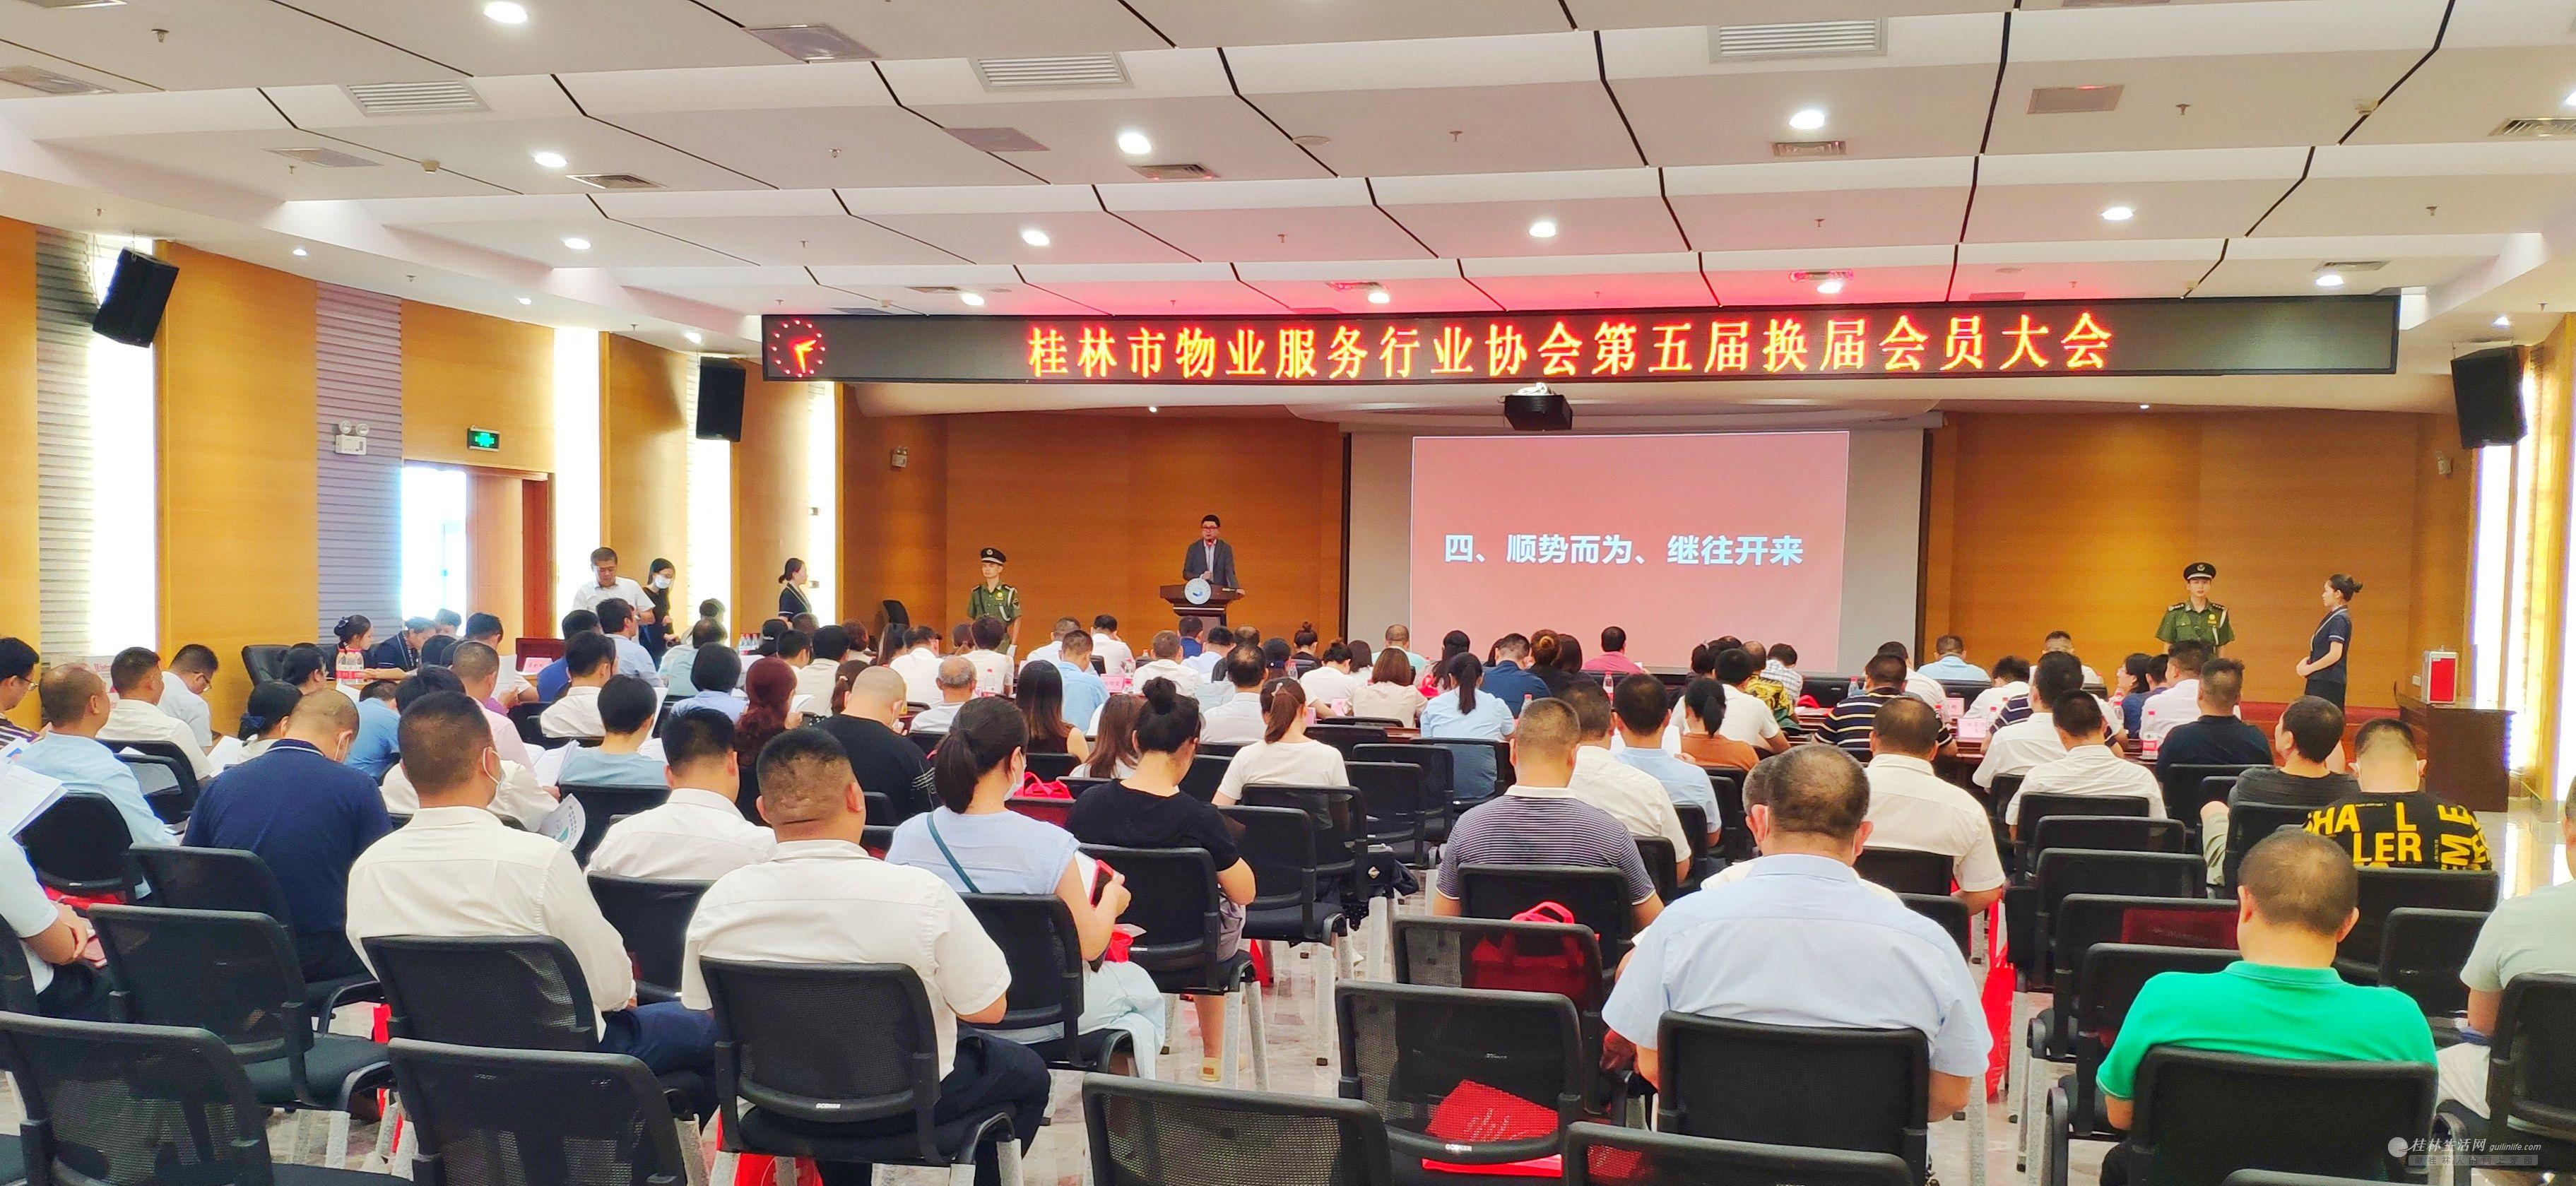 桂林市物业服务行业协会第五届换届选举大会圆满举行